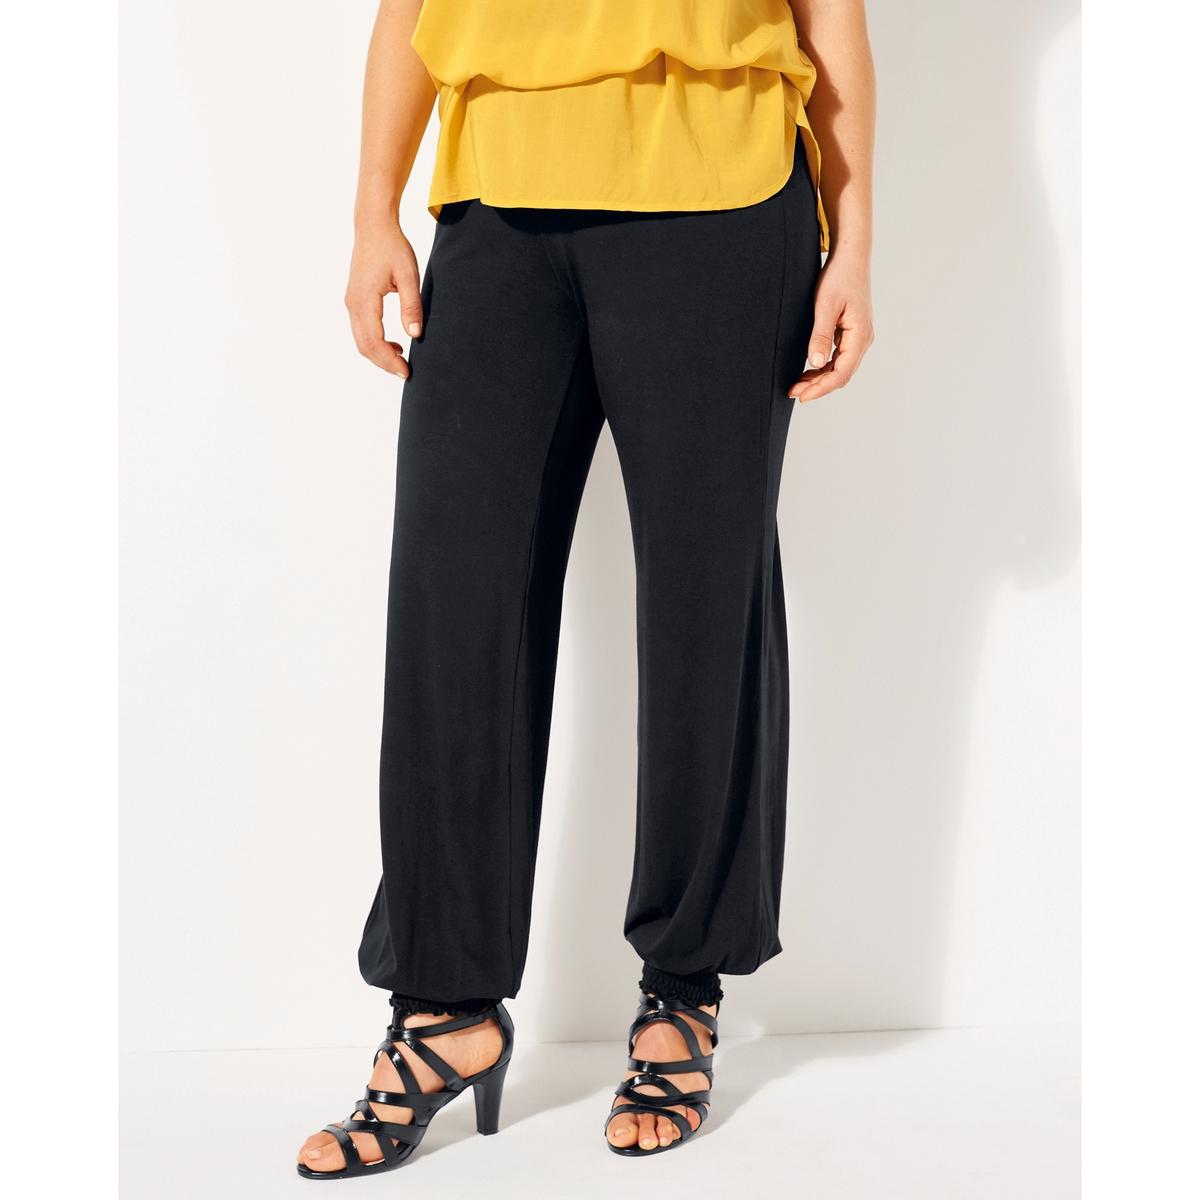 Брюки свободные, широкие брюки из саржи би стрейч длина по внутр шву 78 см